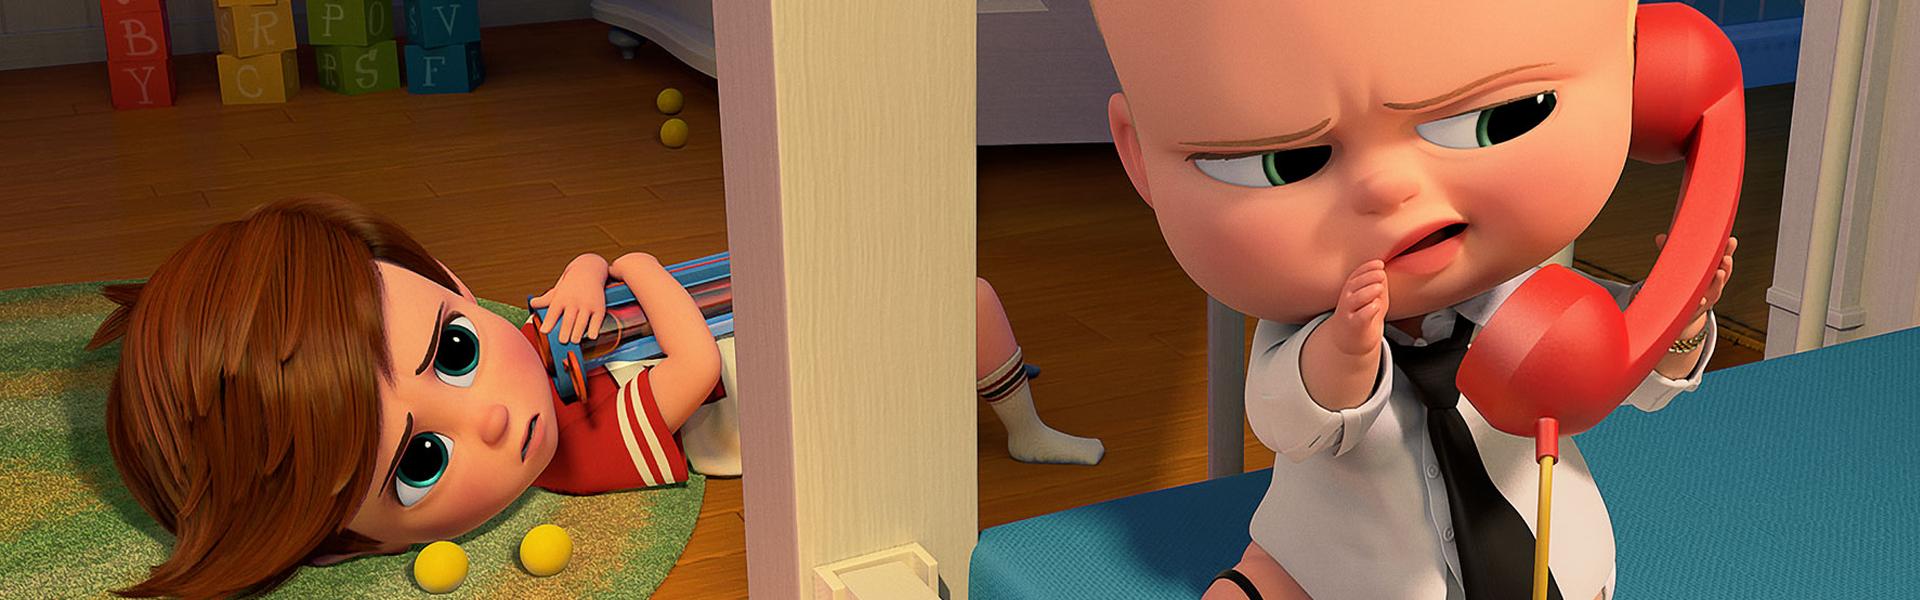 Dzieciak rządzi 3D <span>(dubbing)</span>